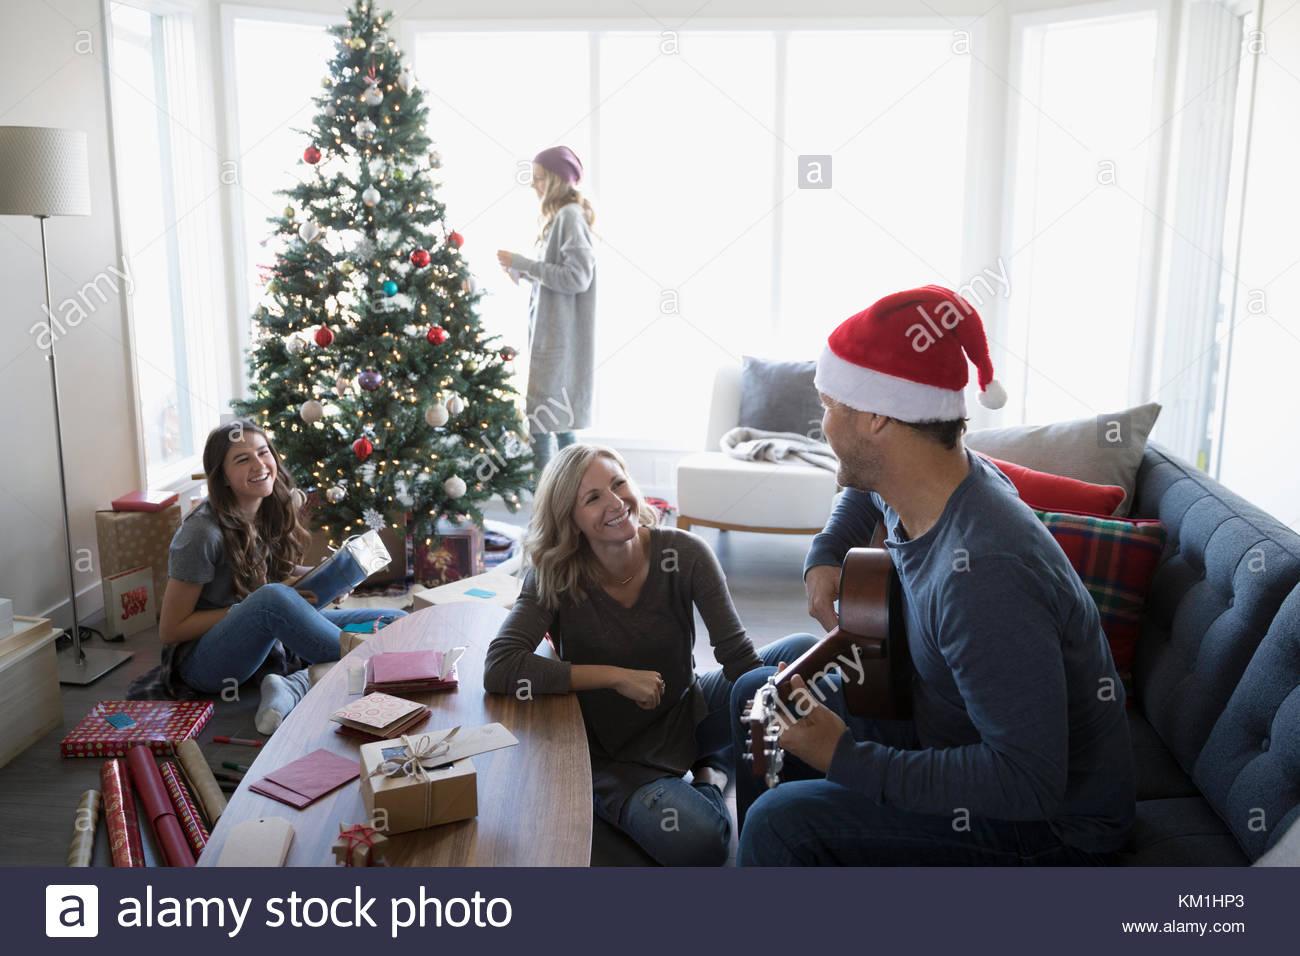 Familia tocando la guitarra y envolver los regalos, decorar el árbol de Navidad en el salón Imagen De Stock